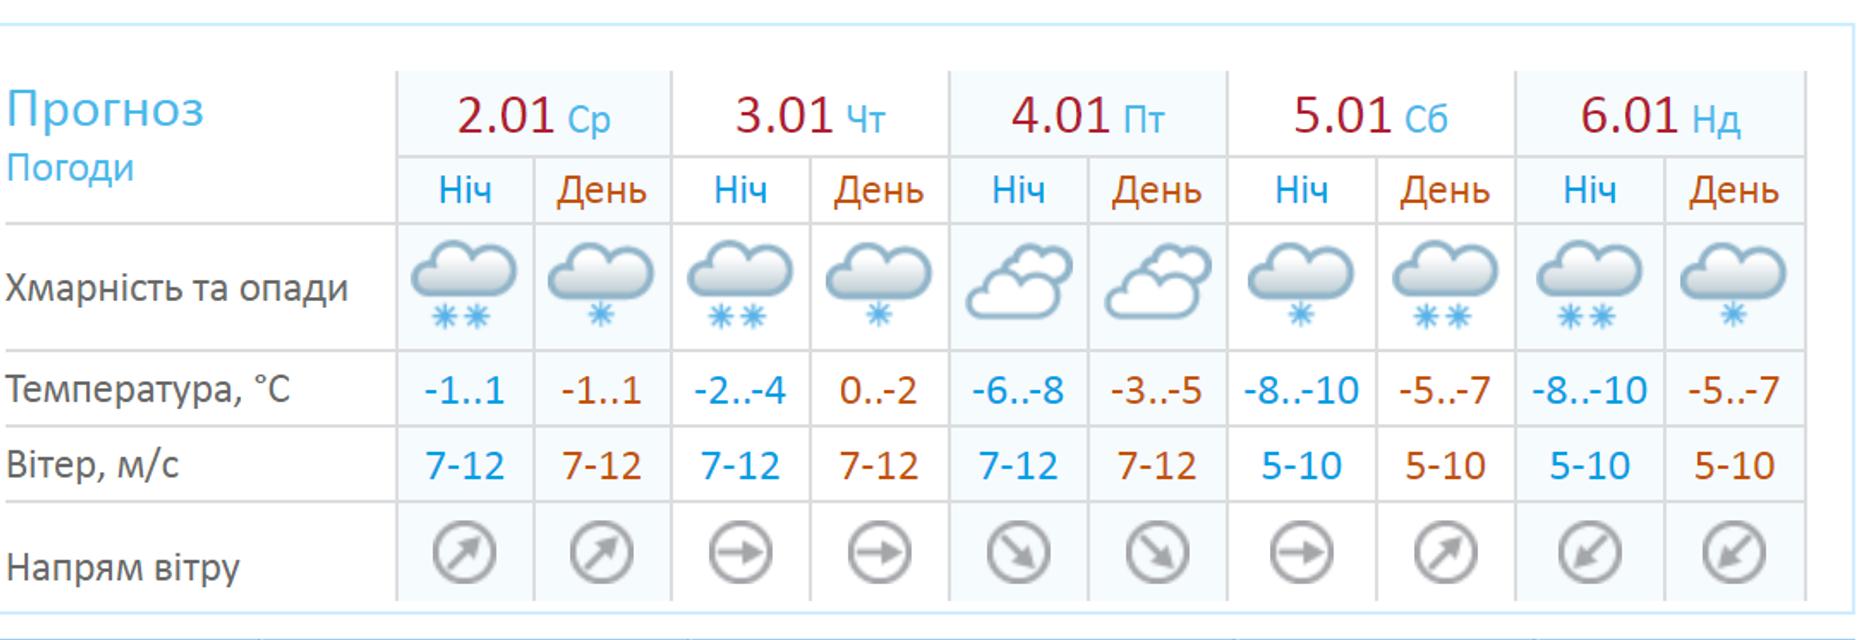 Погода в Украине: метеорологи предупреждают о метелях и лавинах - фото 166954